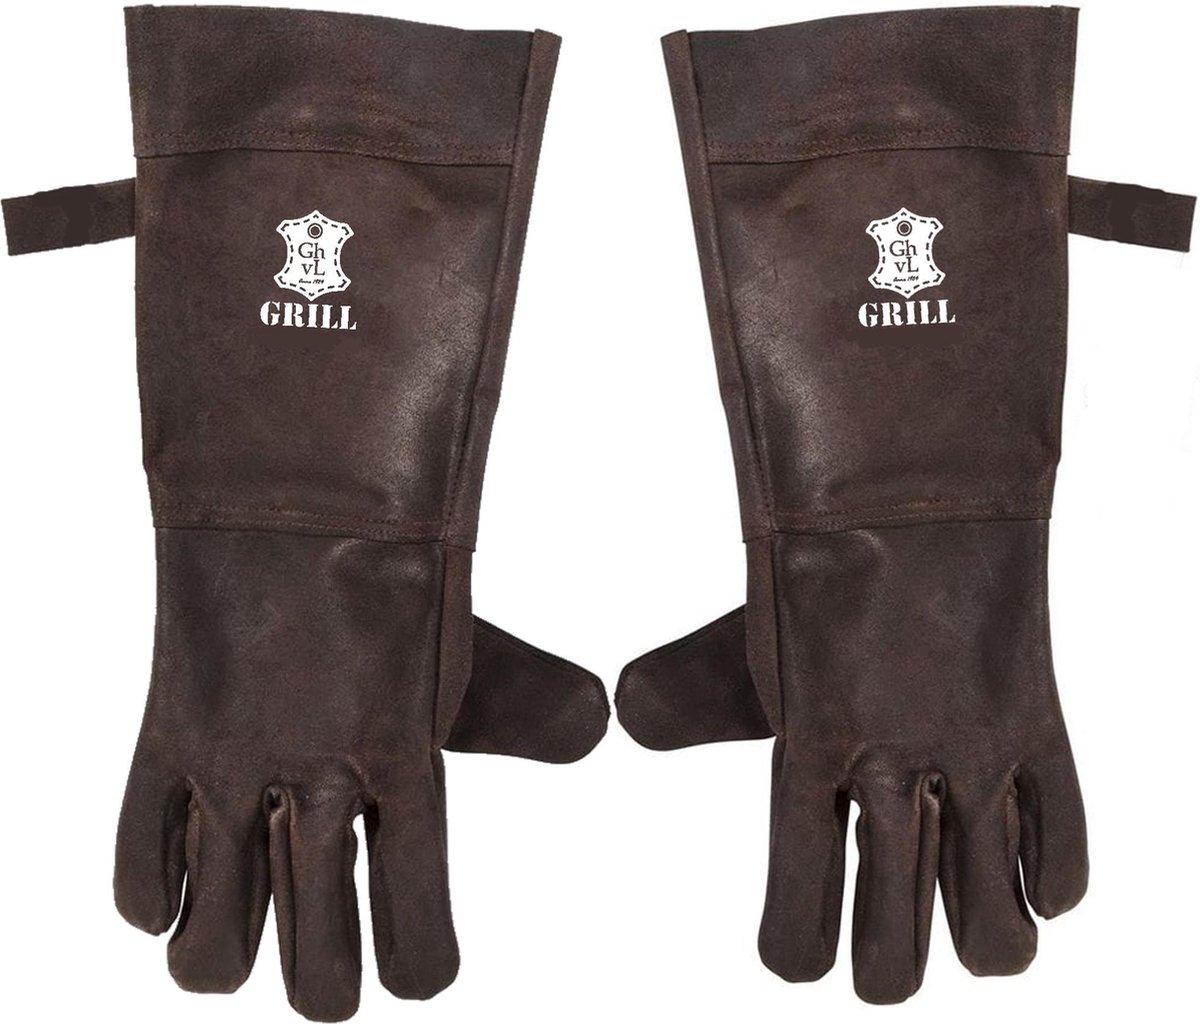 BBQ Leren Handschoenen Donker Bruin   Barbecue Lederen Handschoen   BBQ Handschoenen   Extra groot v